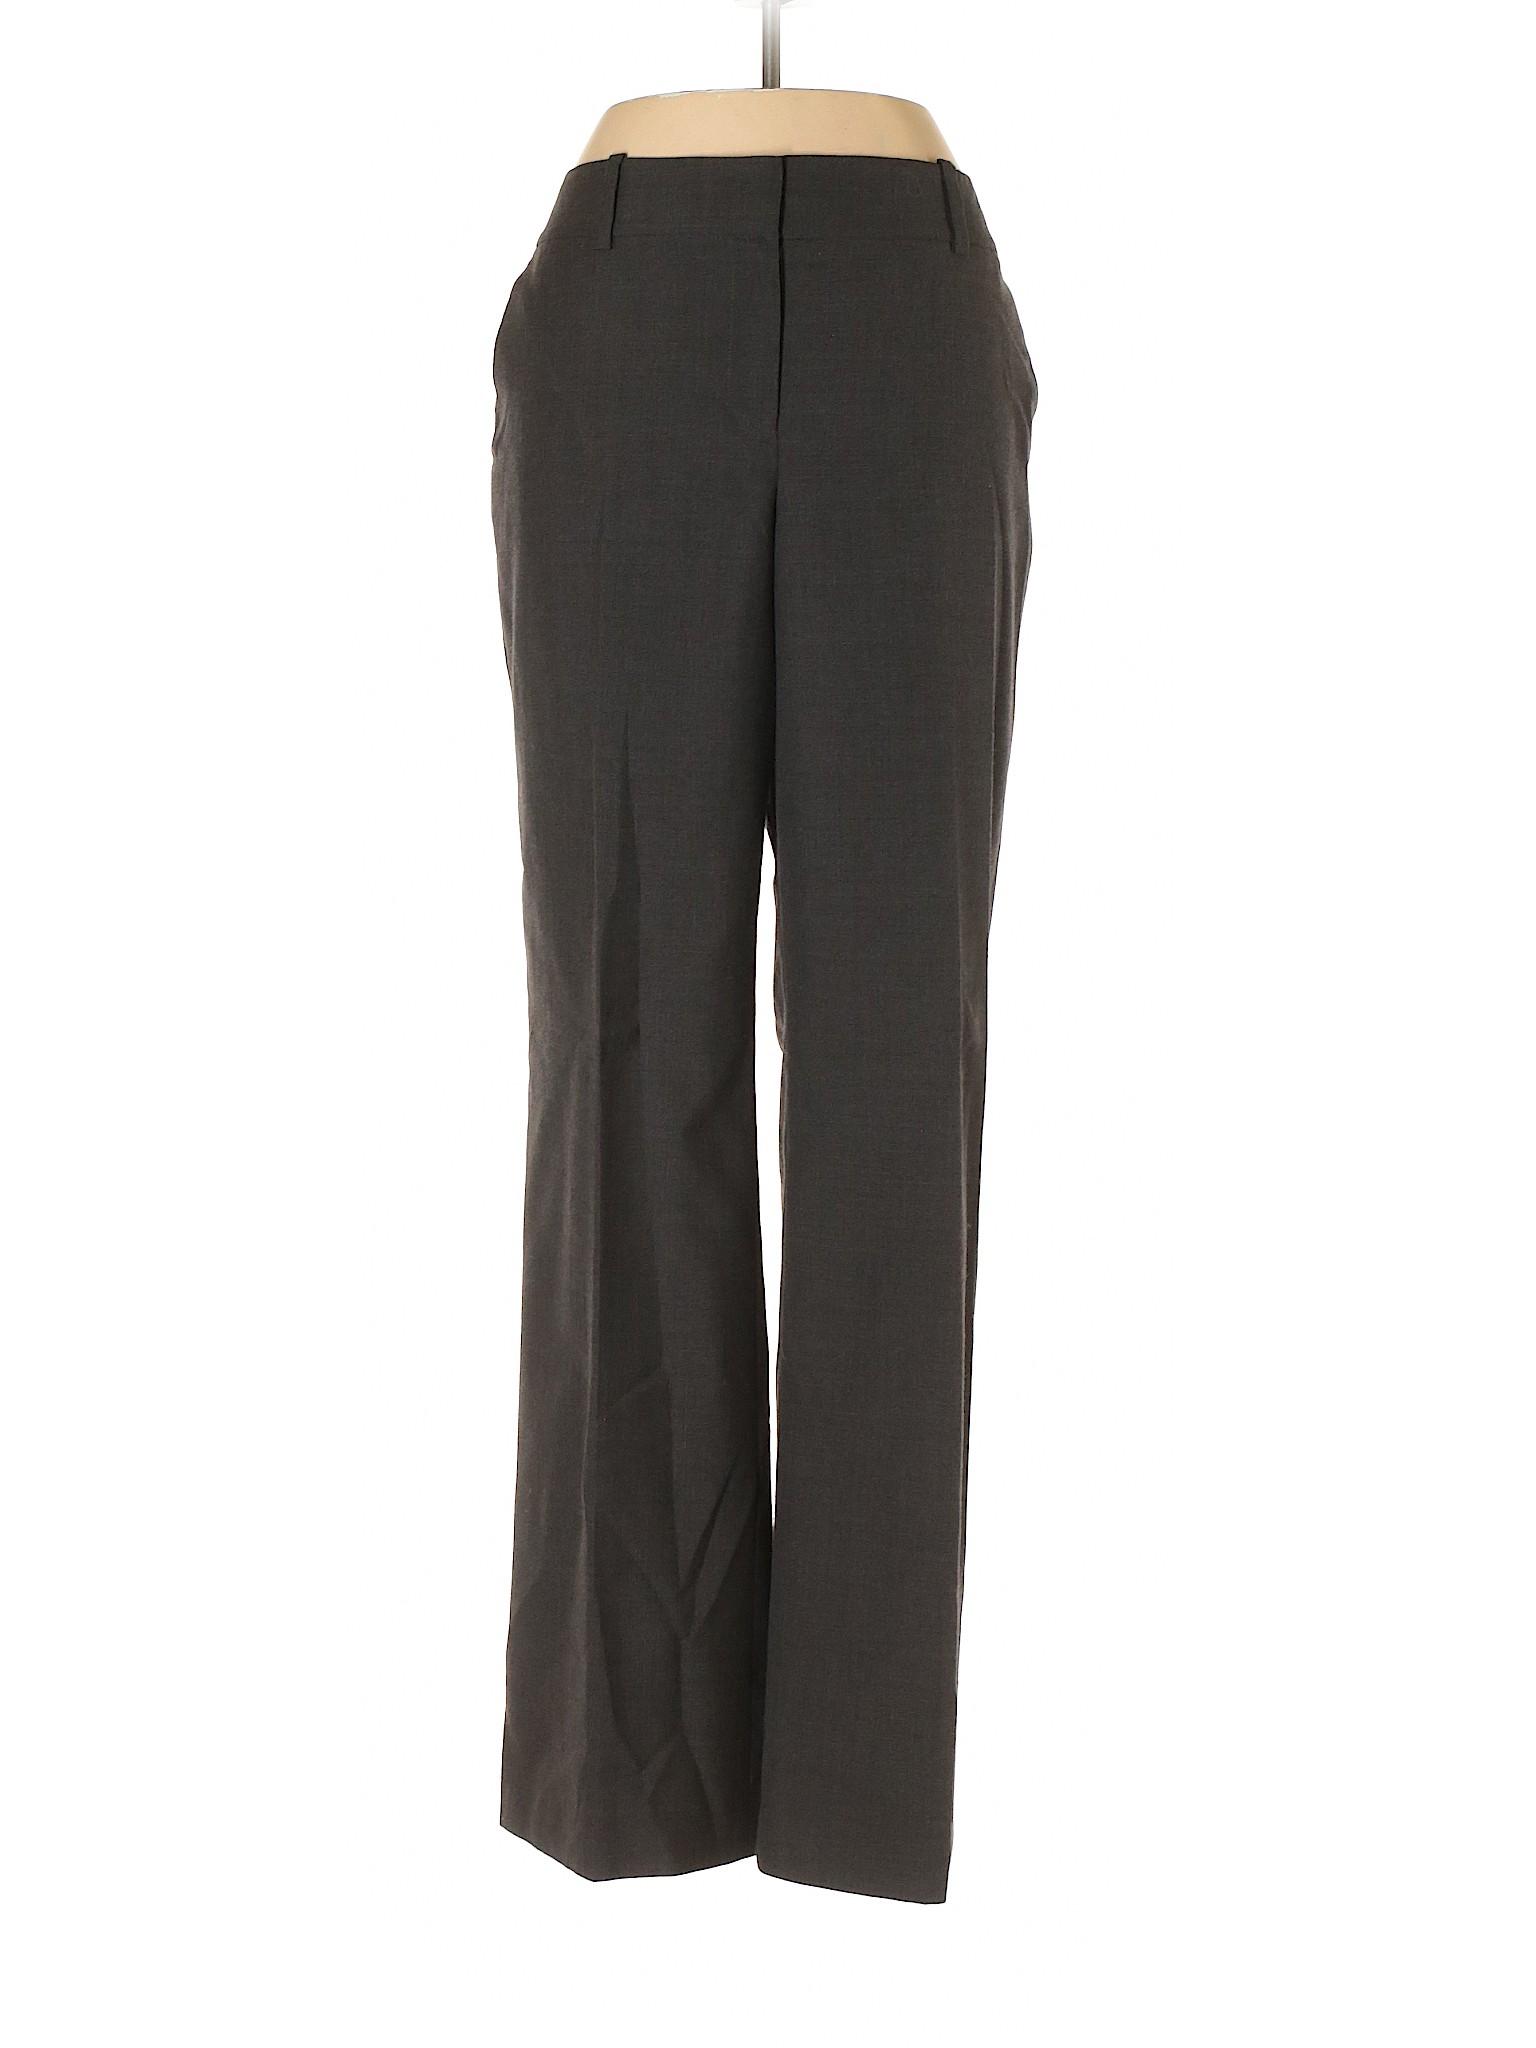 Taylor Pants Leisure Dress Boutique Ann Factory U6qwA7Y7H